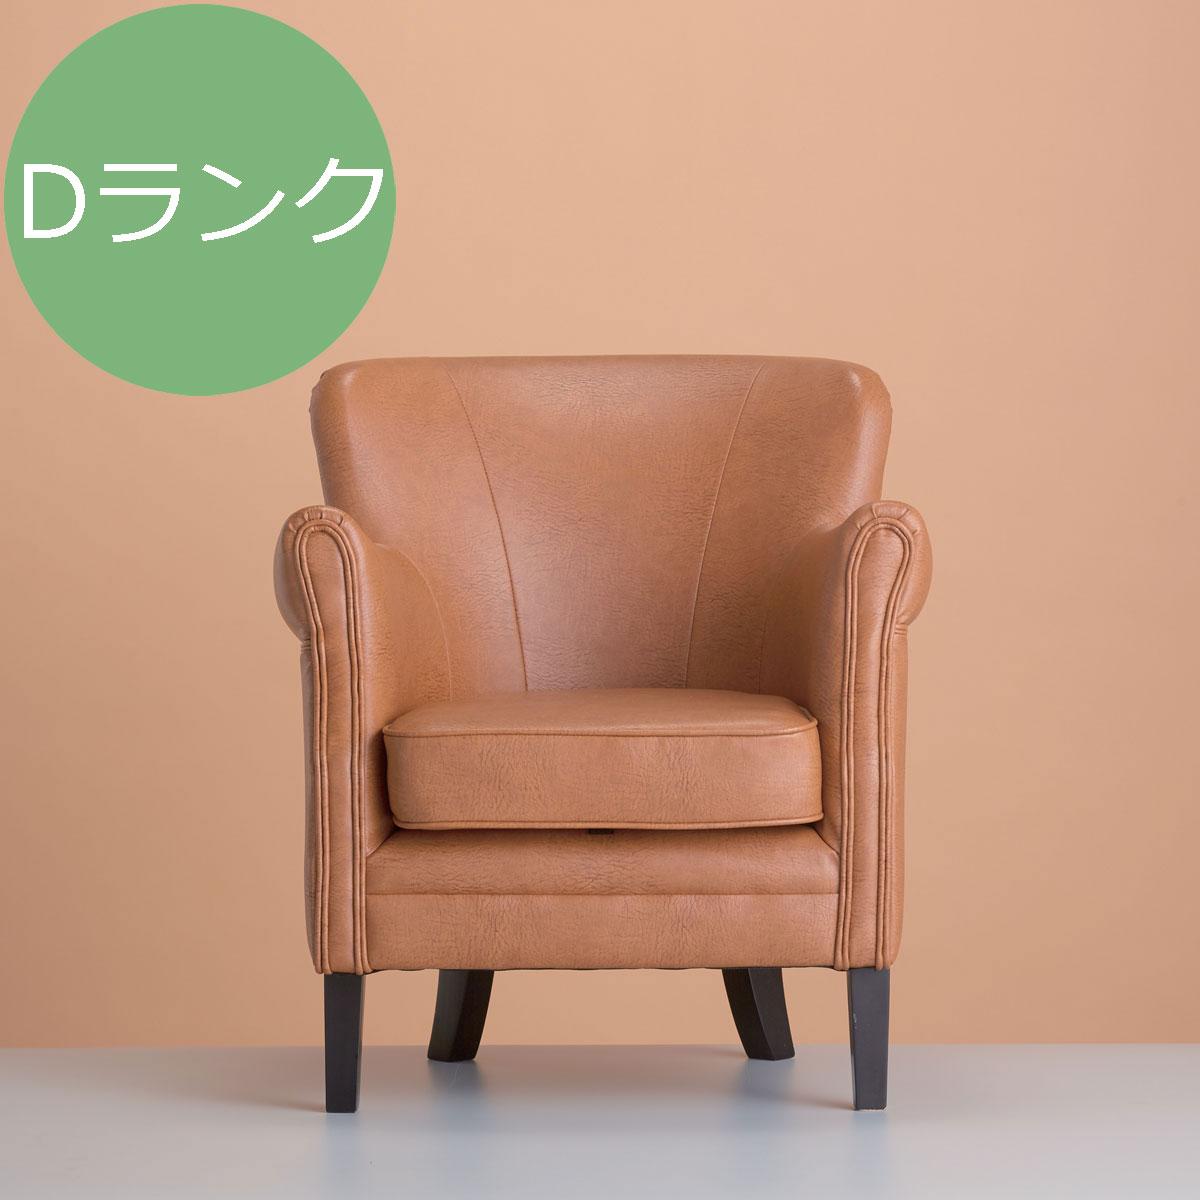 アームチェア GENTLE ジェントル Dランク【代引き不可】